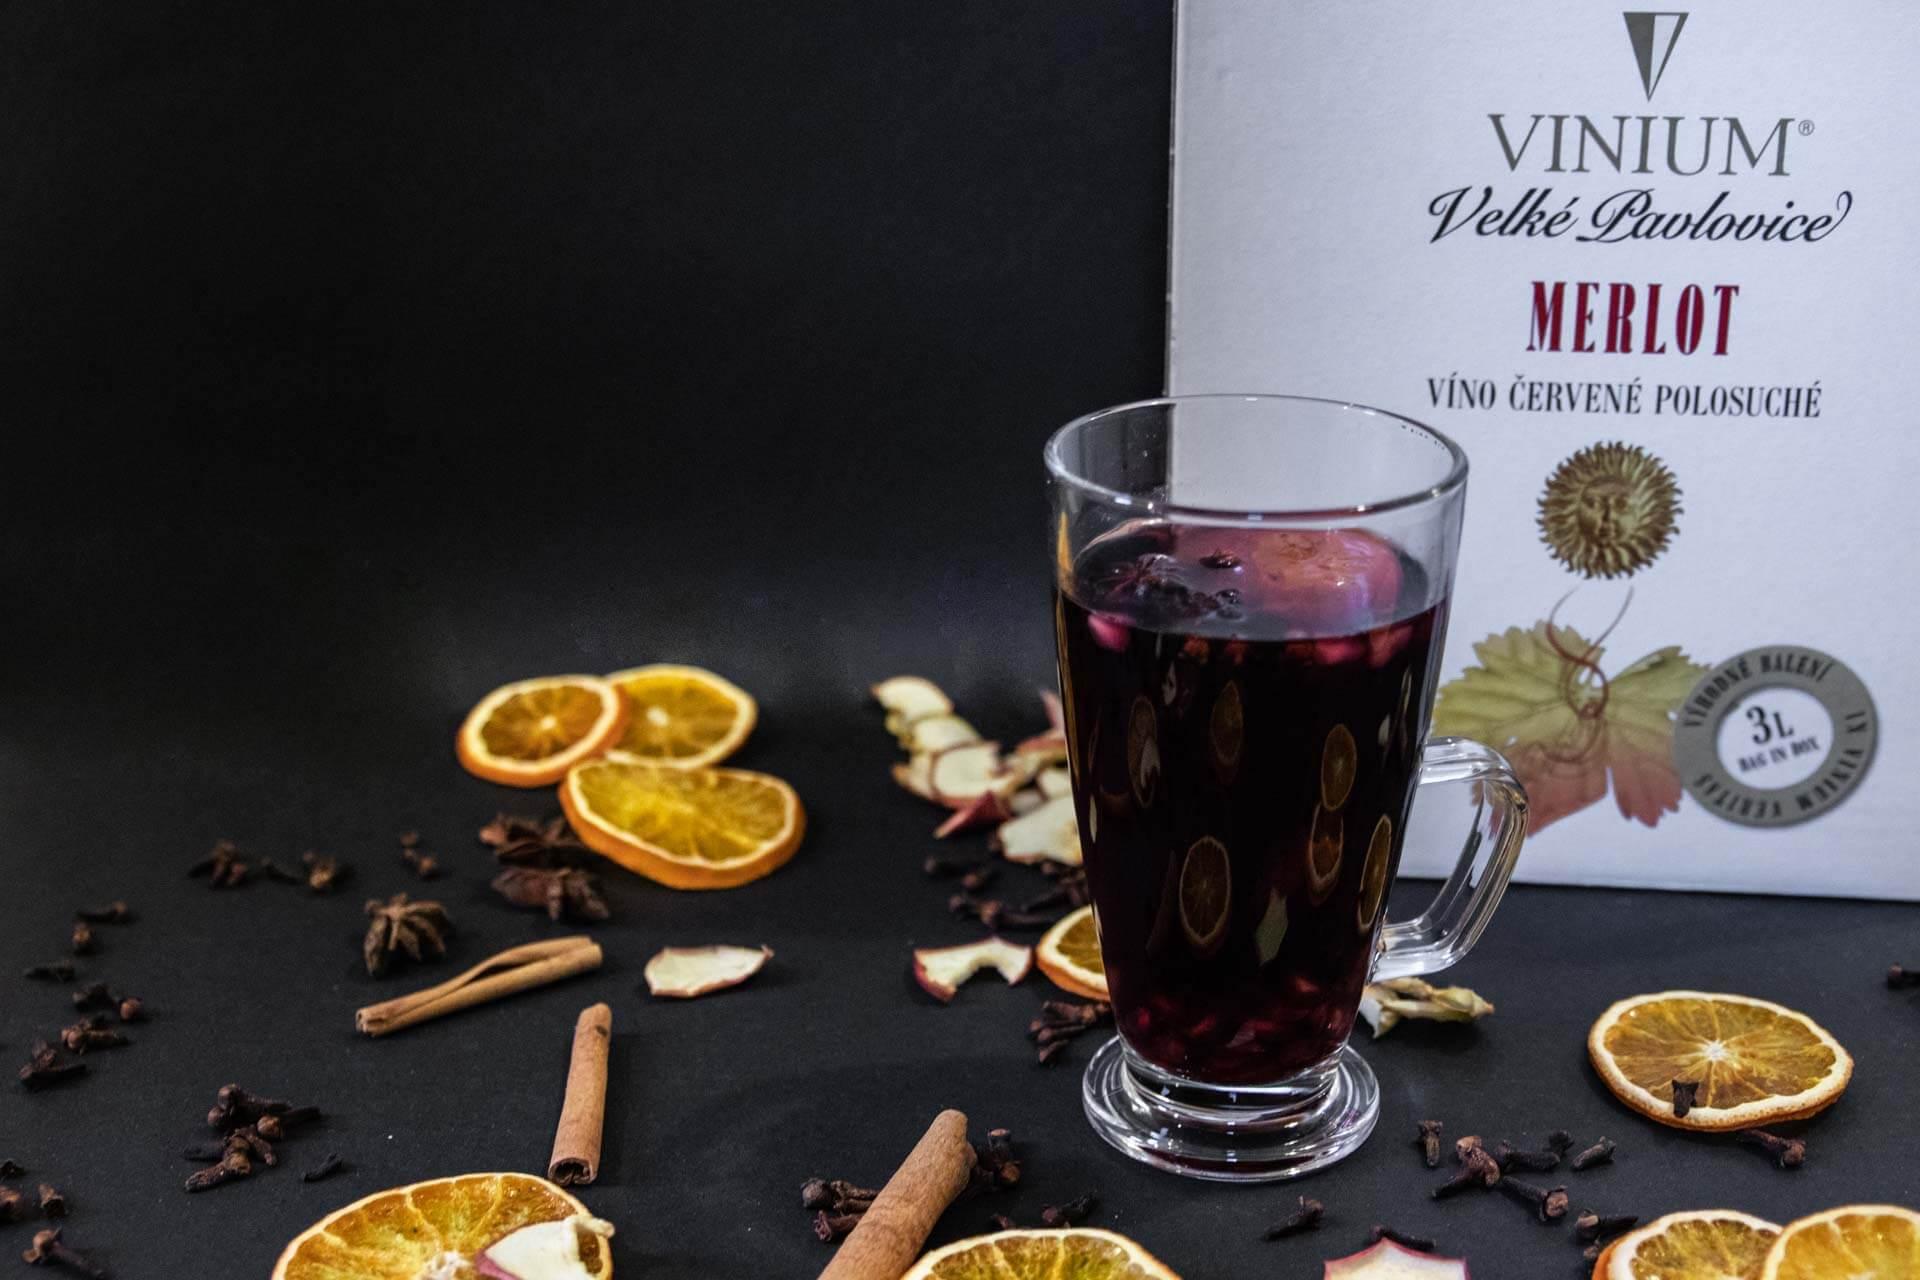 Foto ke článku 3, svařák, červené víno, bílé víno, VINIUM